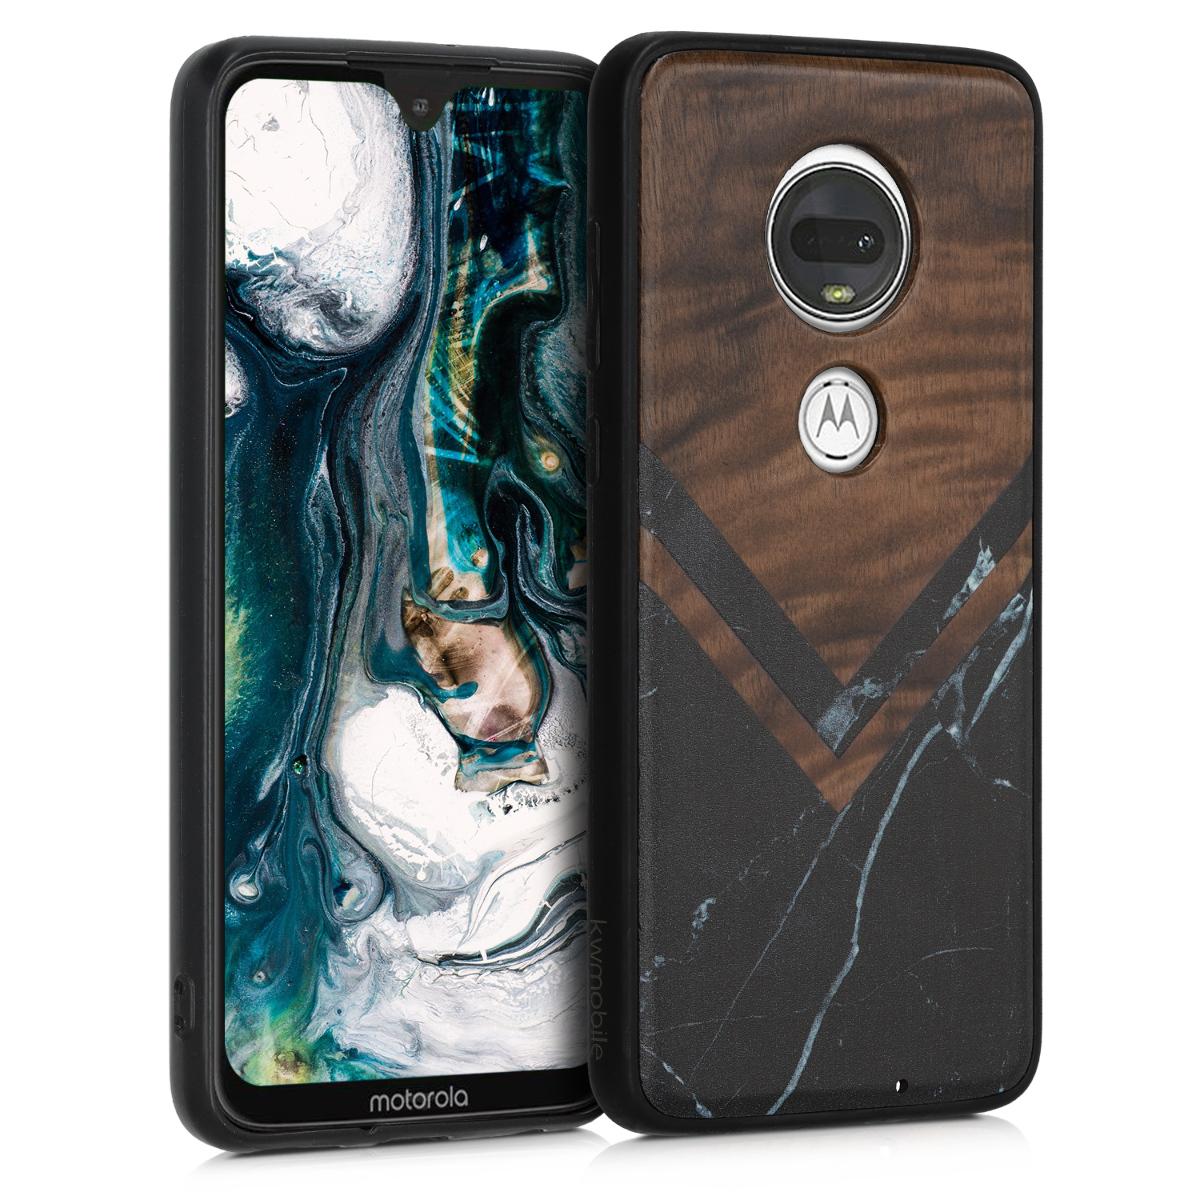 Dřevěné pouzdro | obal pro Motorola Moto G7 / Moto G7 Plus - Dřevo a mramor Černá / Bílá / Tmavě hnědá